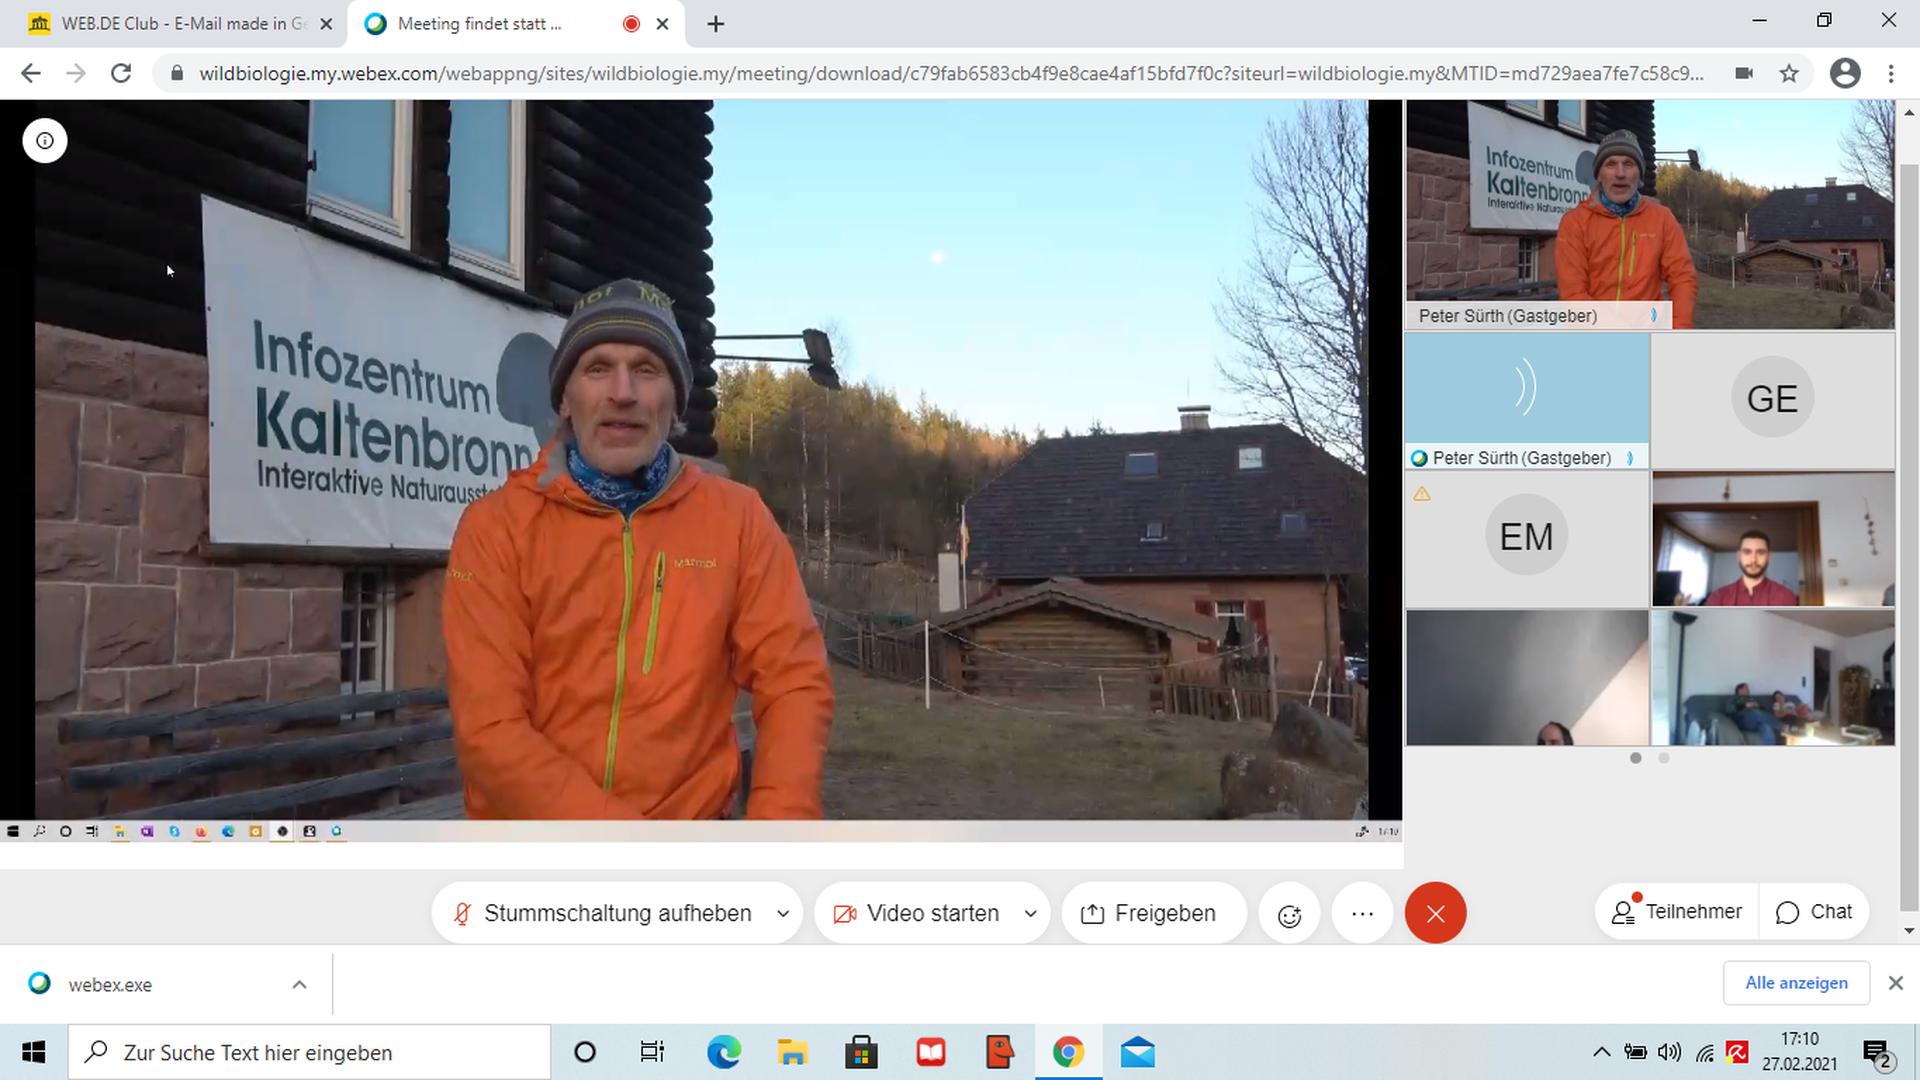 Ein Experiment: Zum ersten Mal hat der Wildtierforscher Peter Sürth seine Vollmondwanderung am Kaltenbronn virtuell angeboten. Normalerweise geht er gemeinsam mit den Teilnehmern in den Wald.